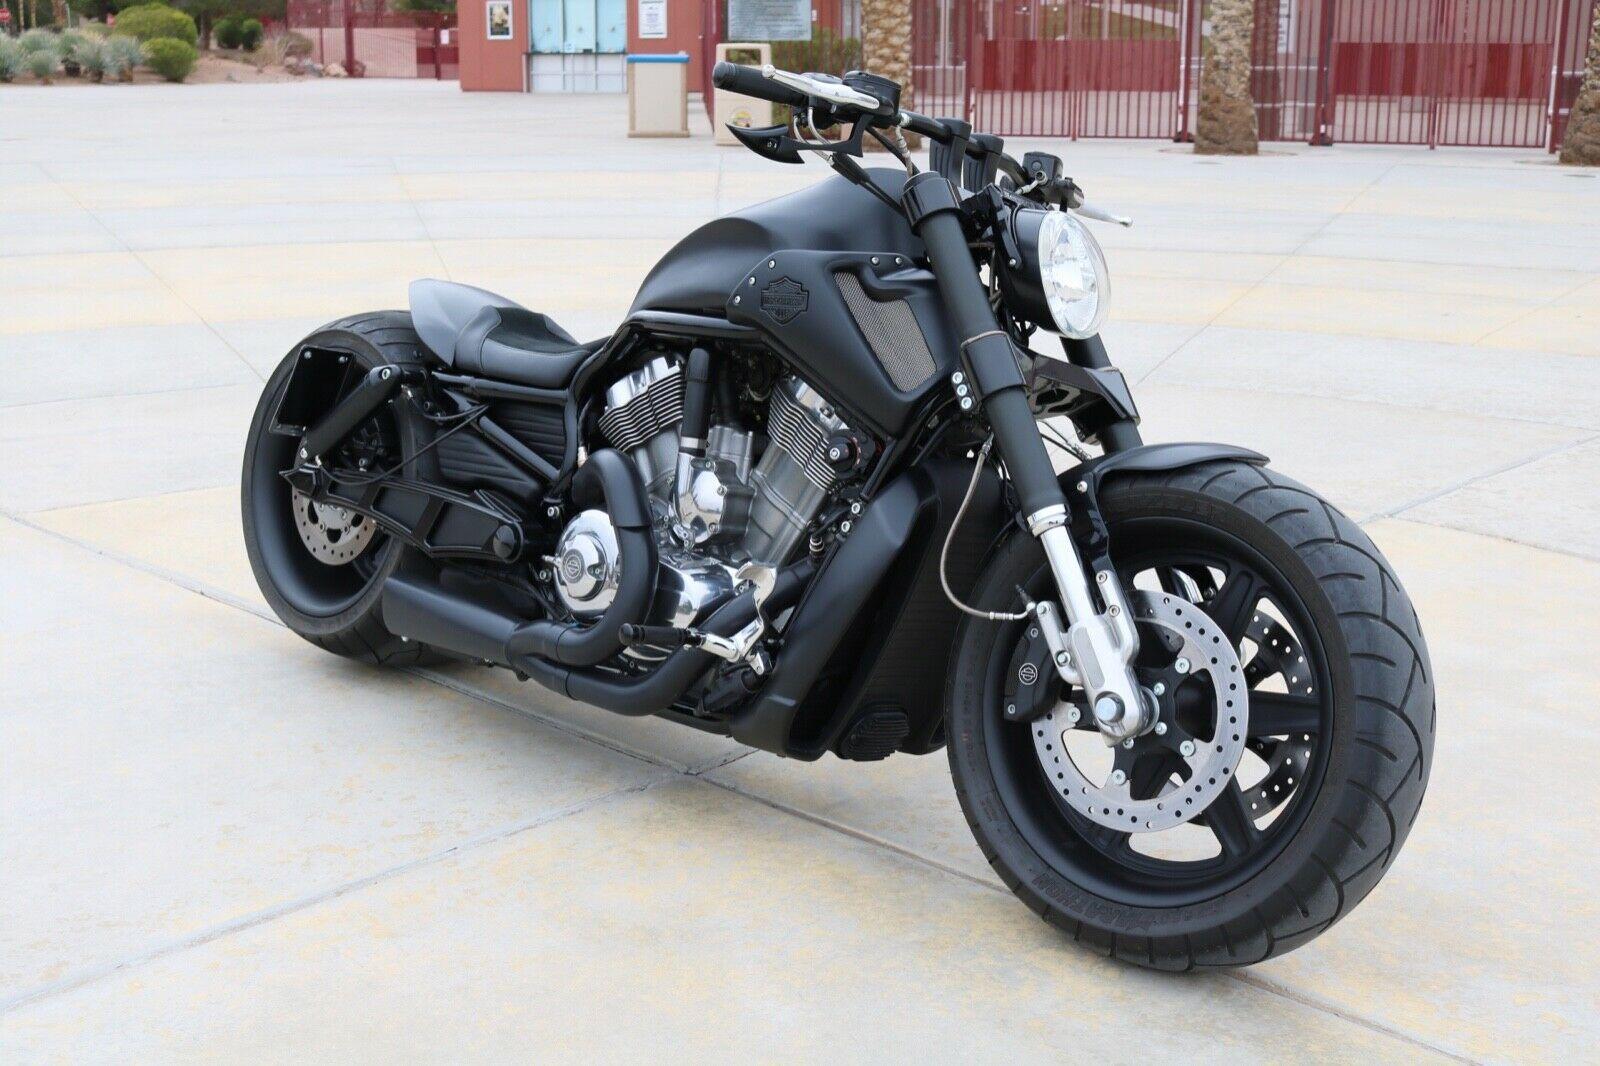 2009 Harley-Davidson V-ROD   | eBay